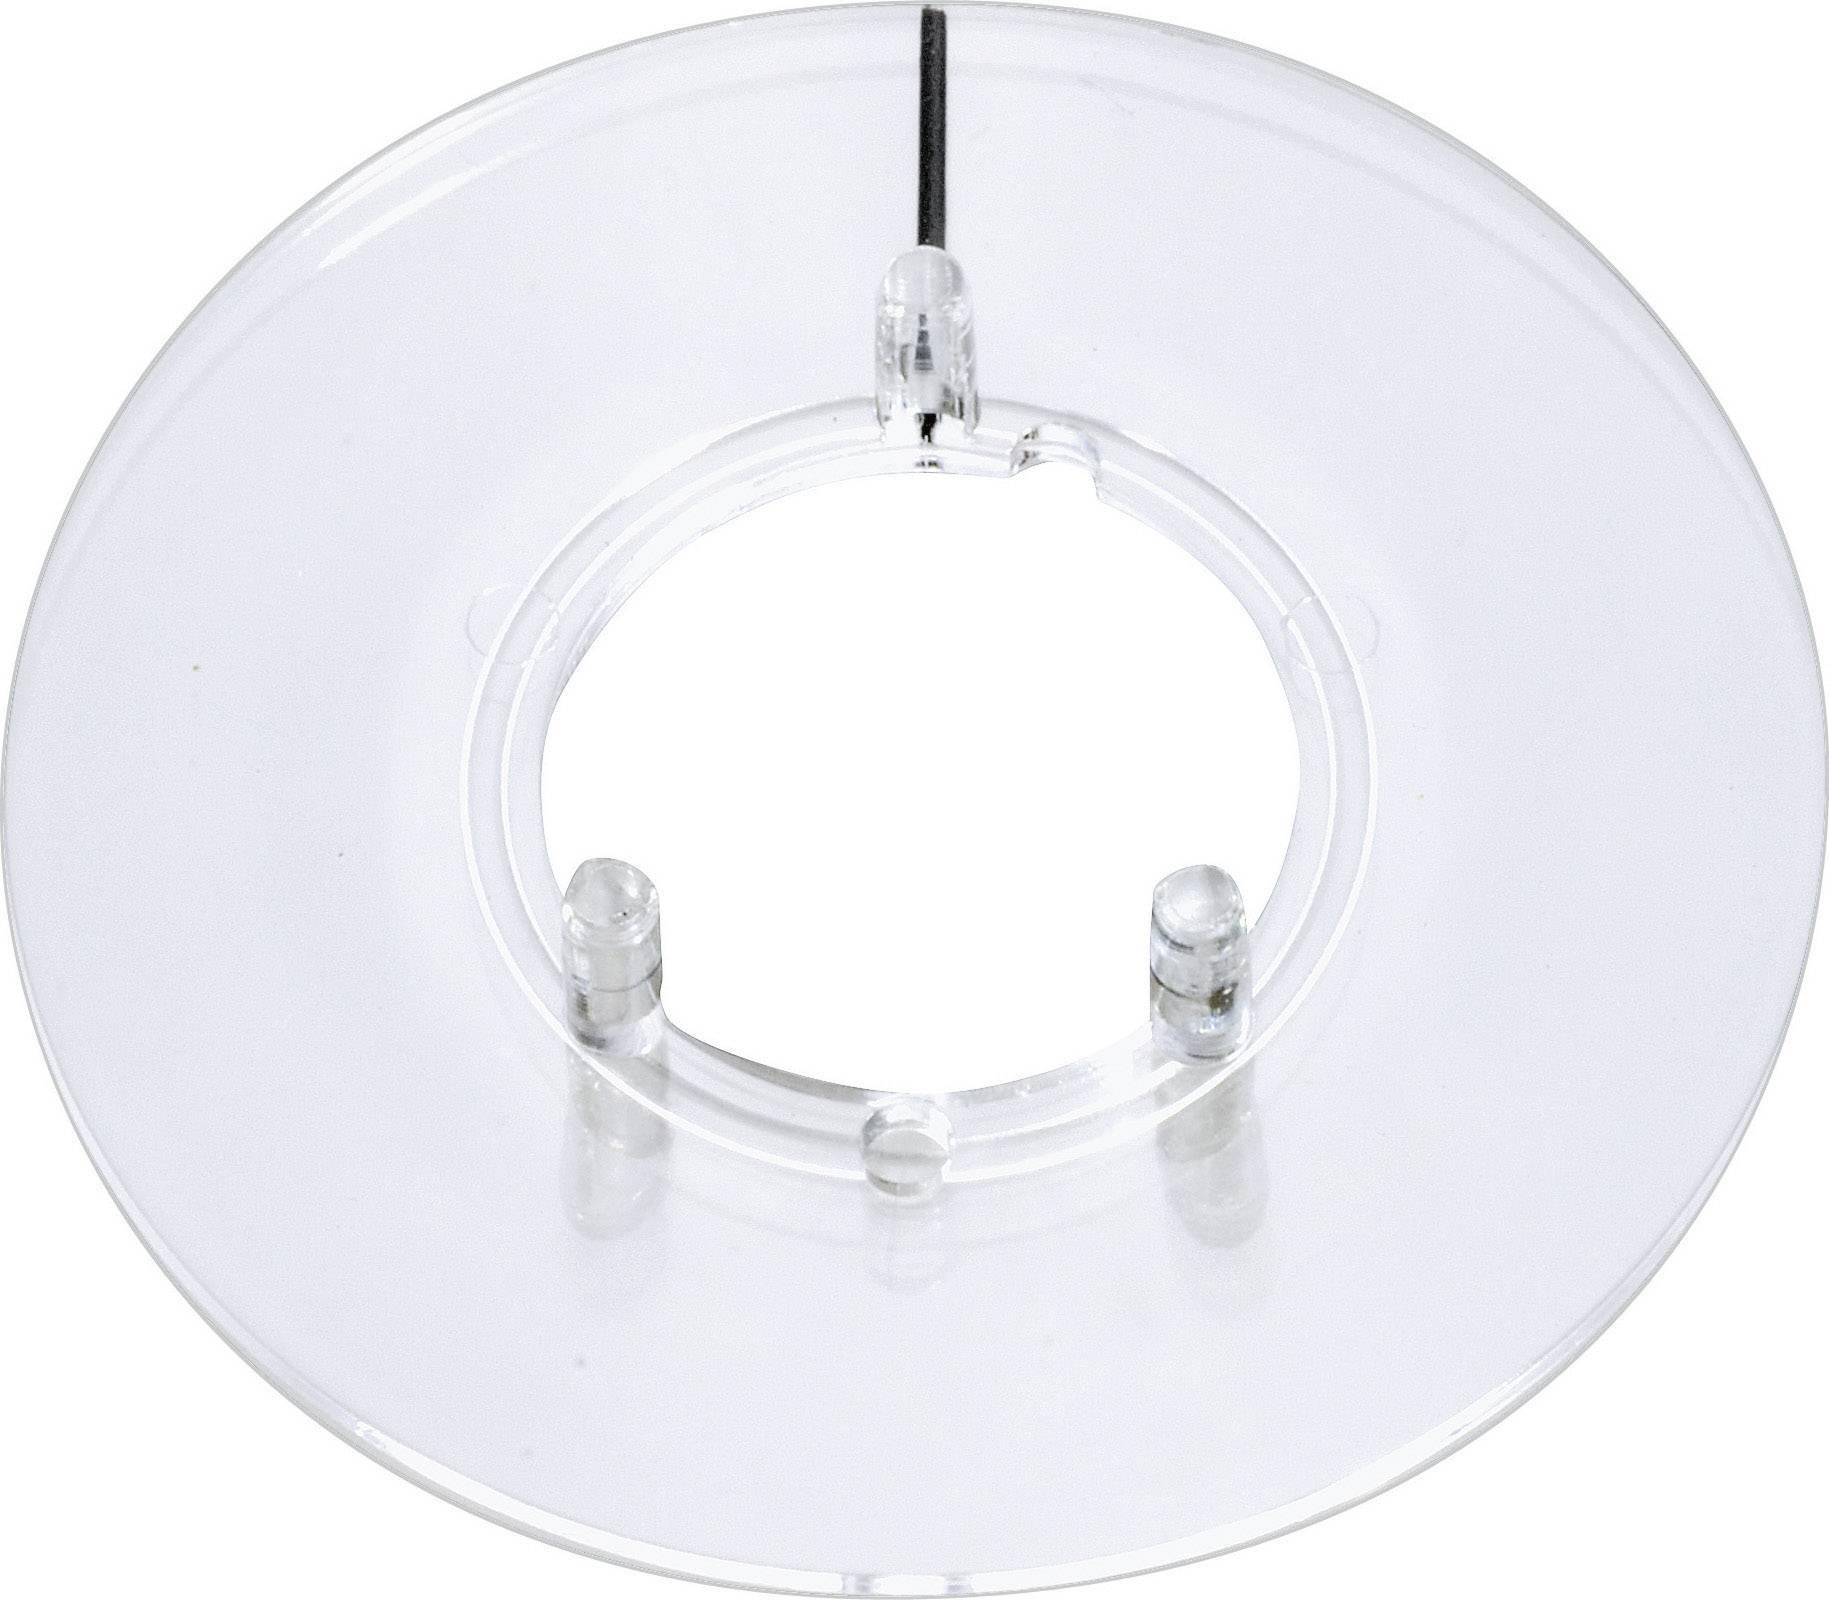 Kruhová stupnice s ukazatelem OKW, vhodná pro knoflík Ø 23 mm, transparentní